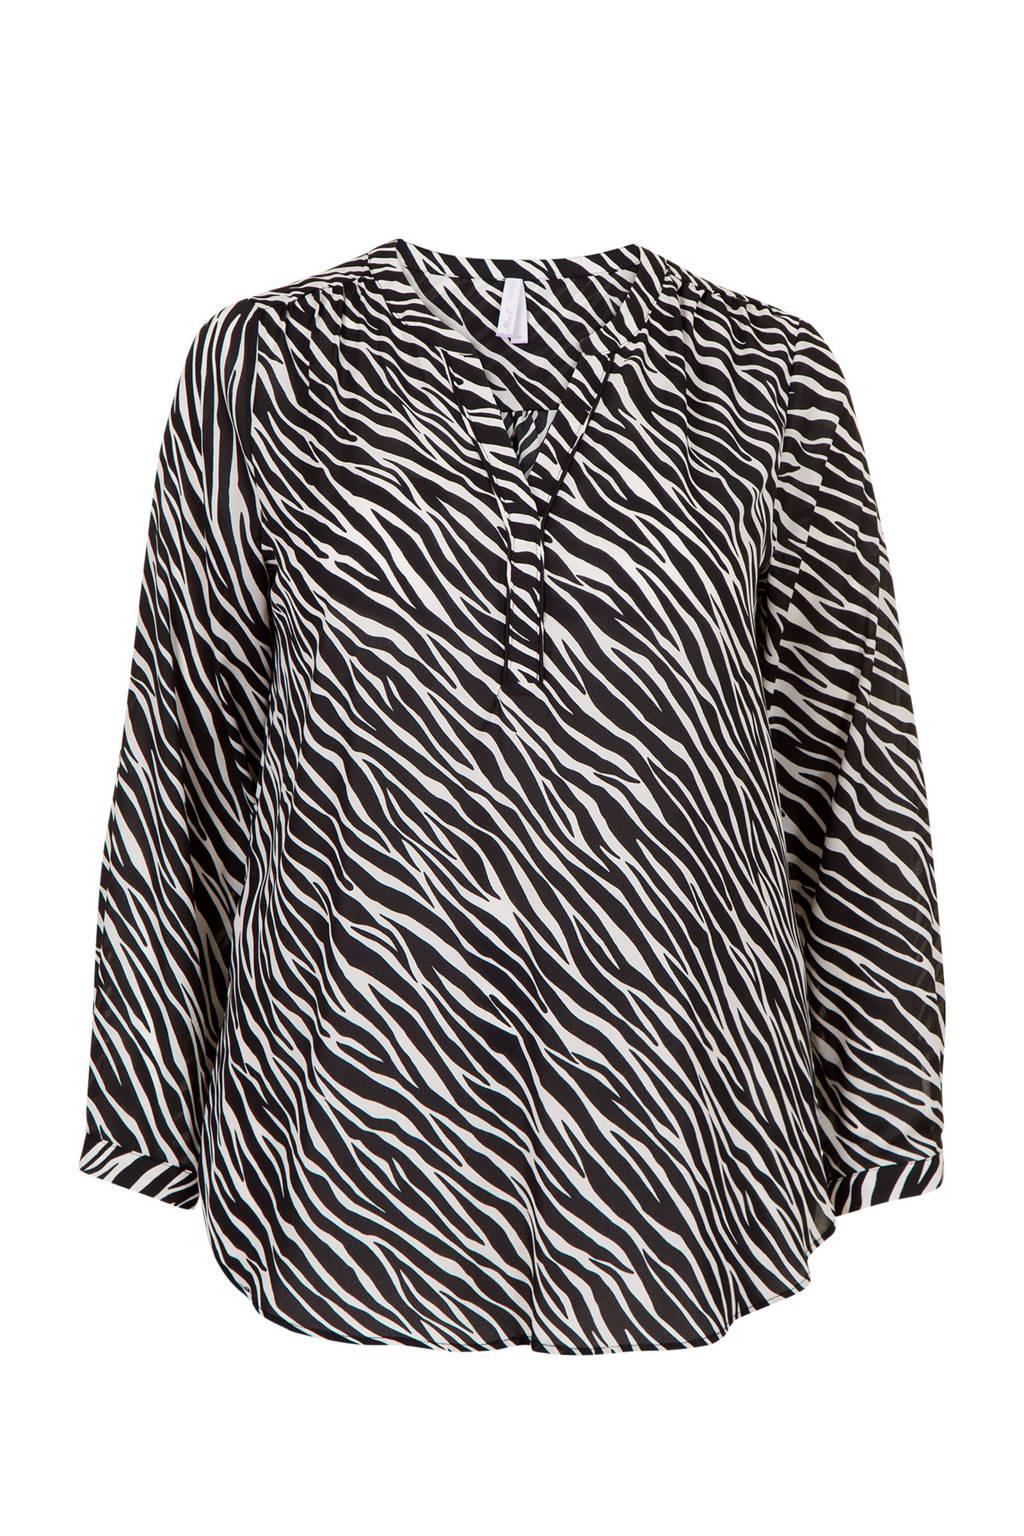 Miss Etam Plus top met zebraprint wit/zwart, Wit/zwart